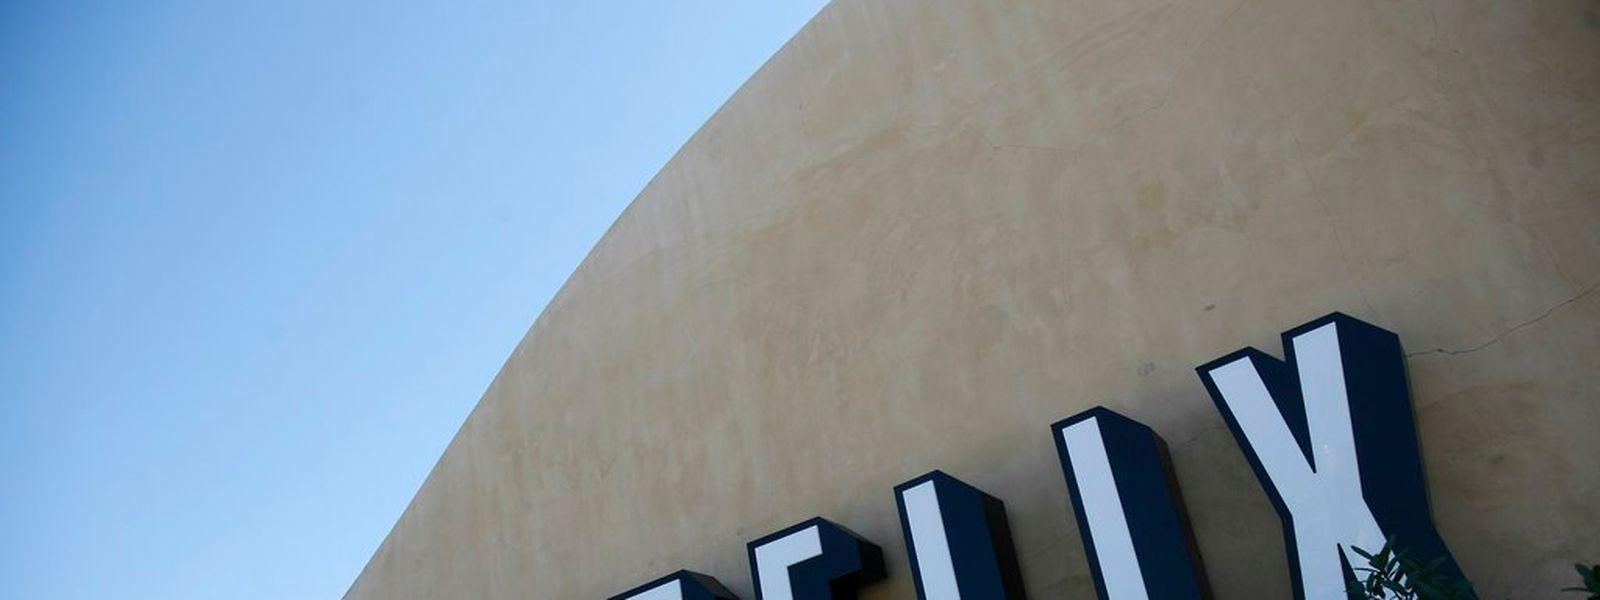 Netflix a indiqué au gouvernement vouloir déménager son siège au début 2015